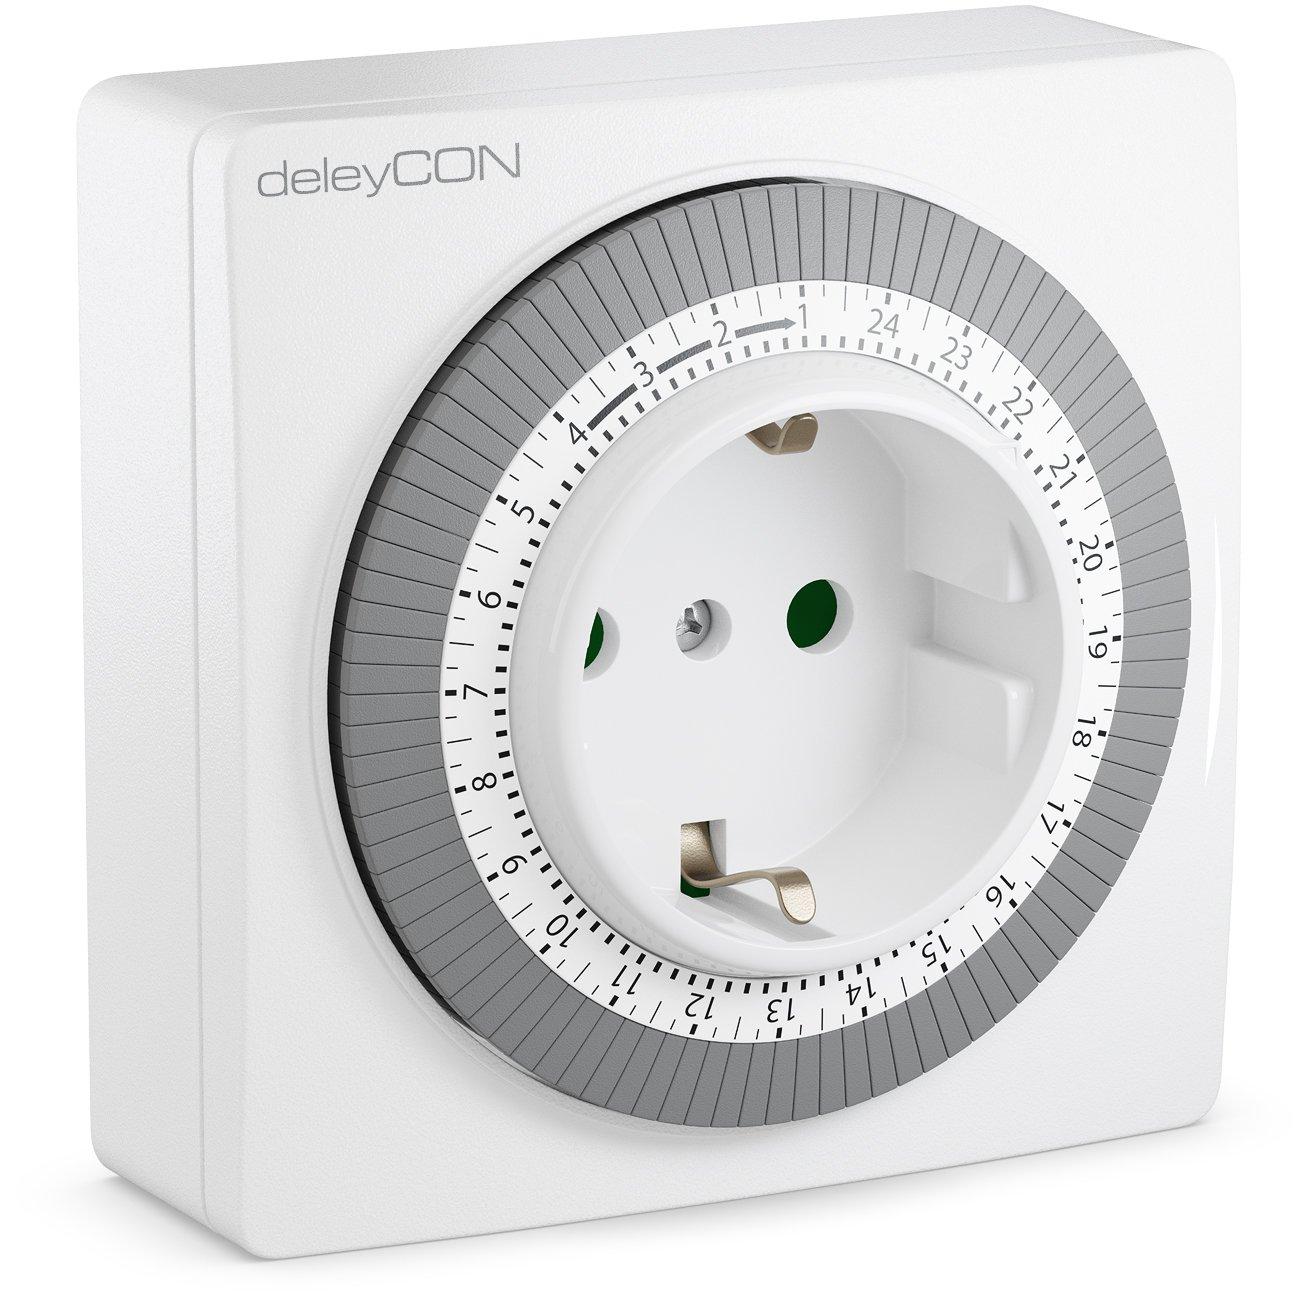 deleyCON Mechanische Zeitschaltuhr Zeitschalter Schaltuhr Timer manuell einstellbar ü ber Drehscheibe 96 Schaltungen Innenbereich 3500W Weiß